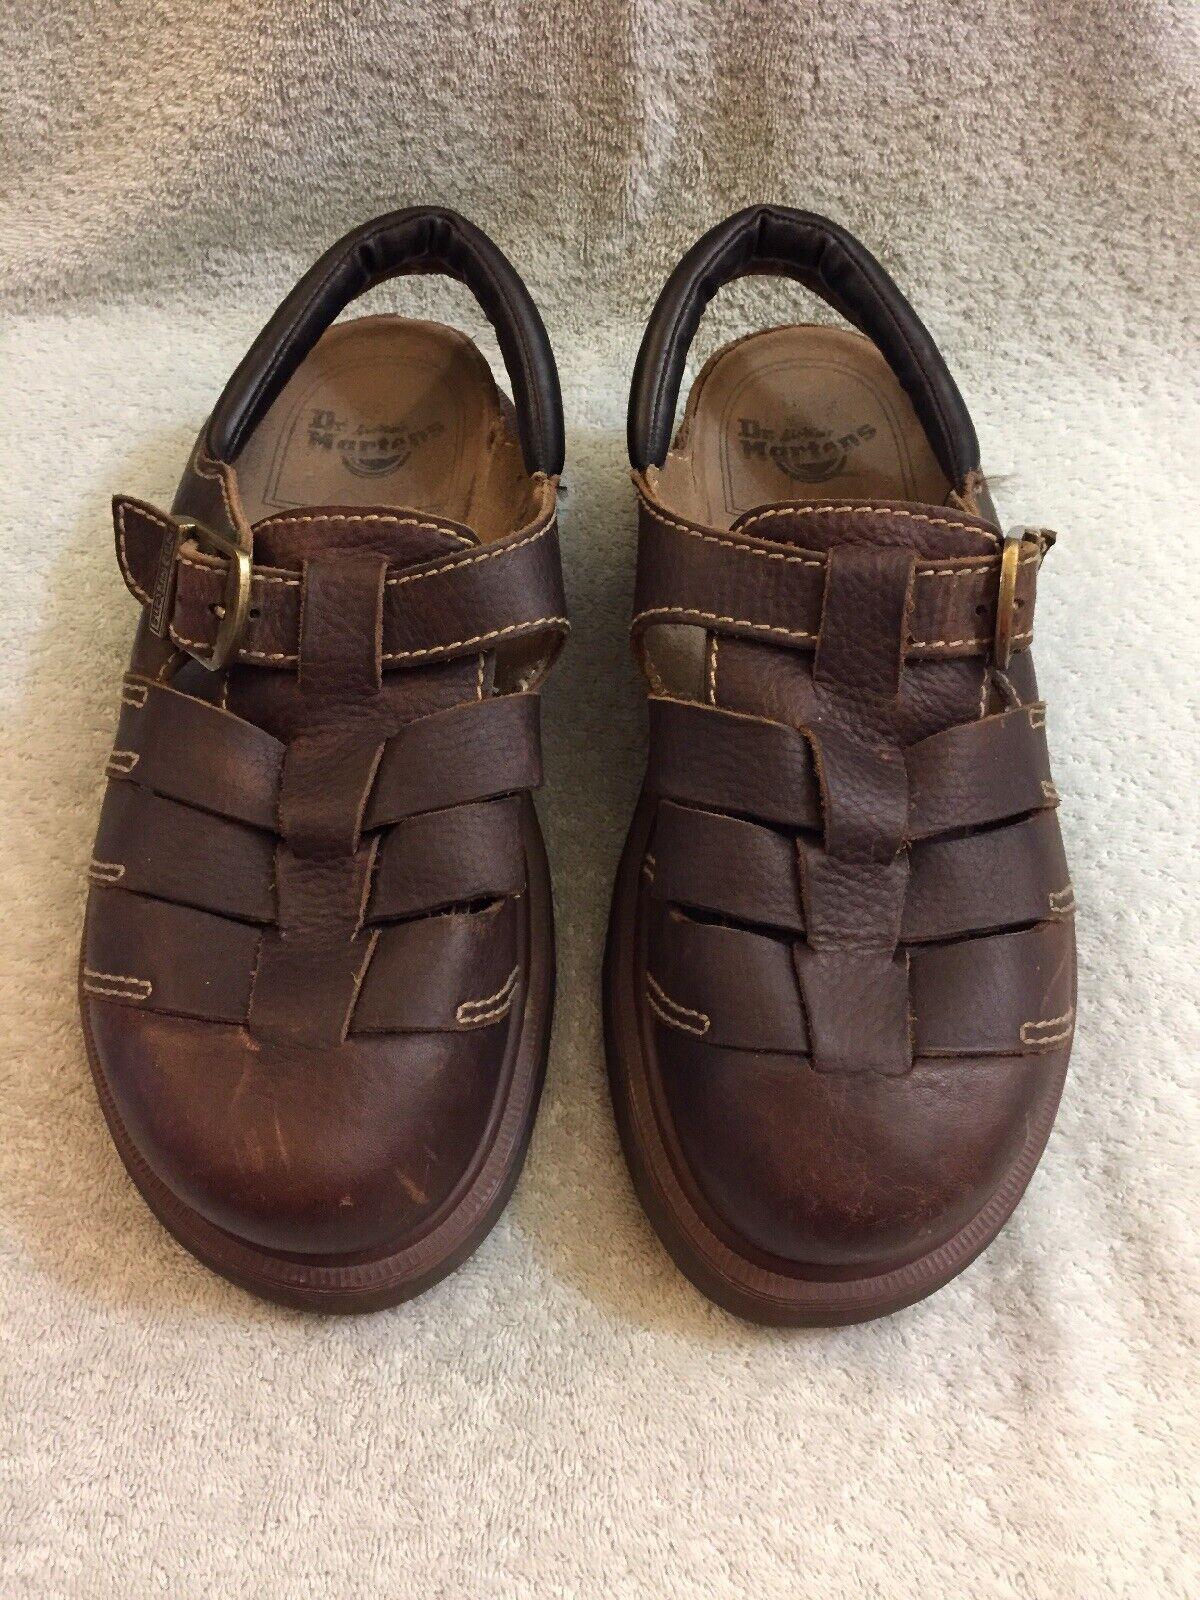 Dr Martens 8332 Brown Leather Fisherman Sandals Men's Size Uk11 US 12